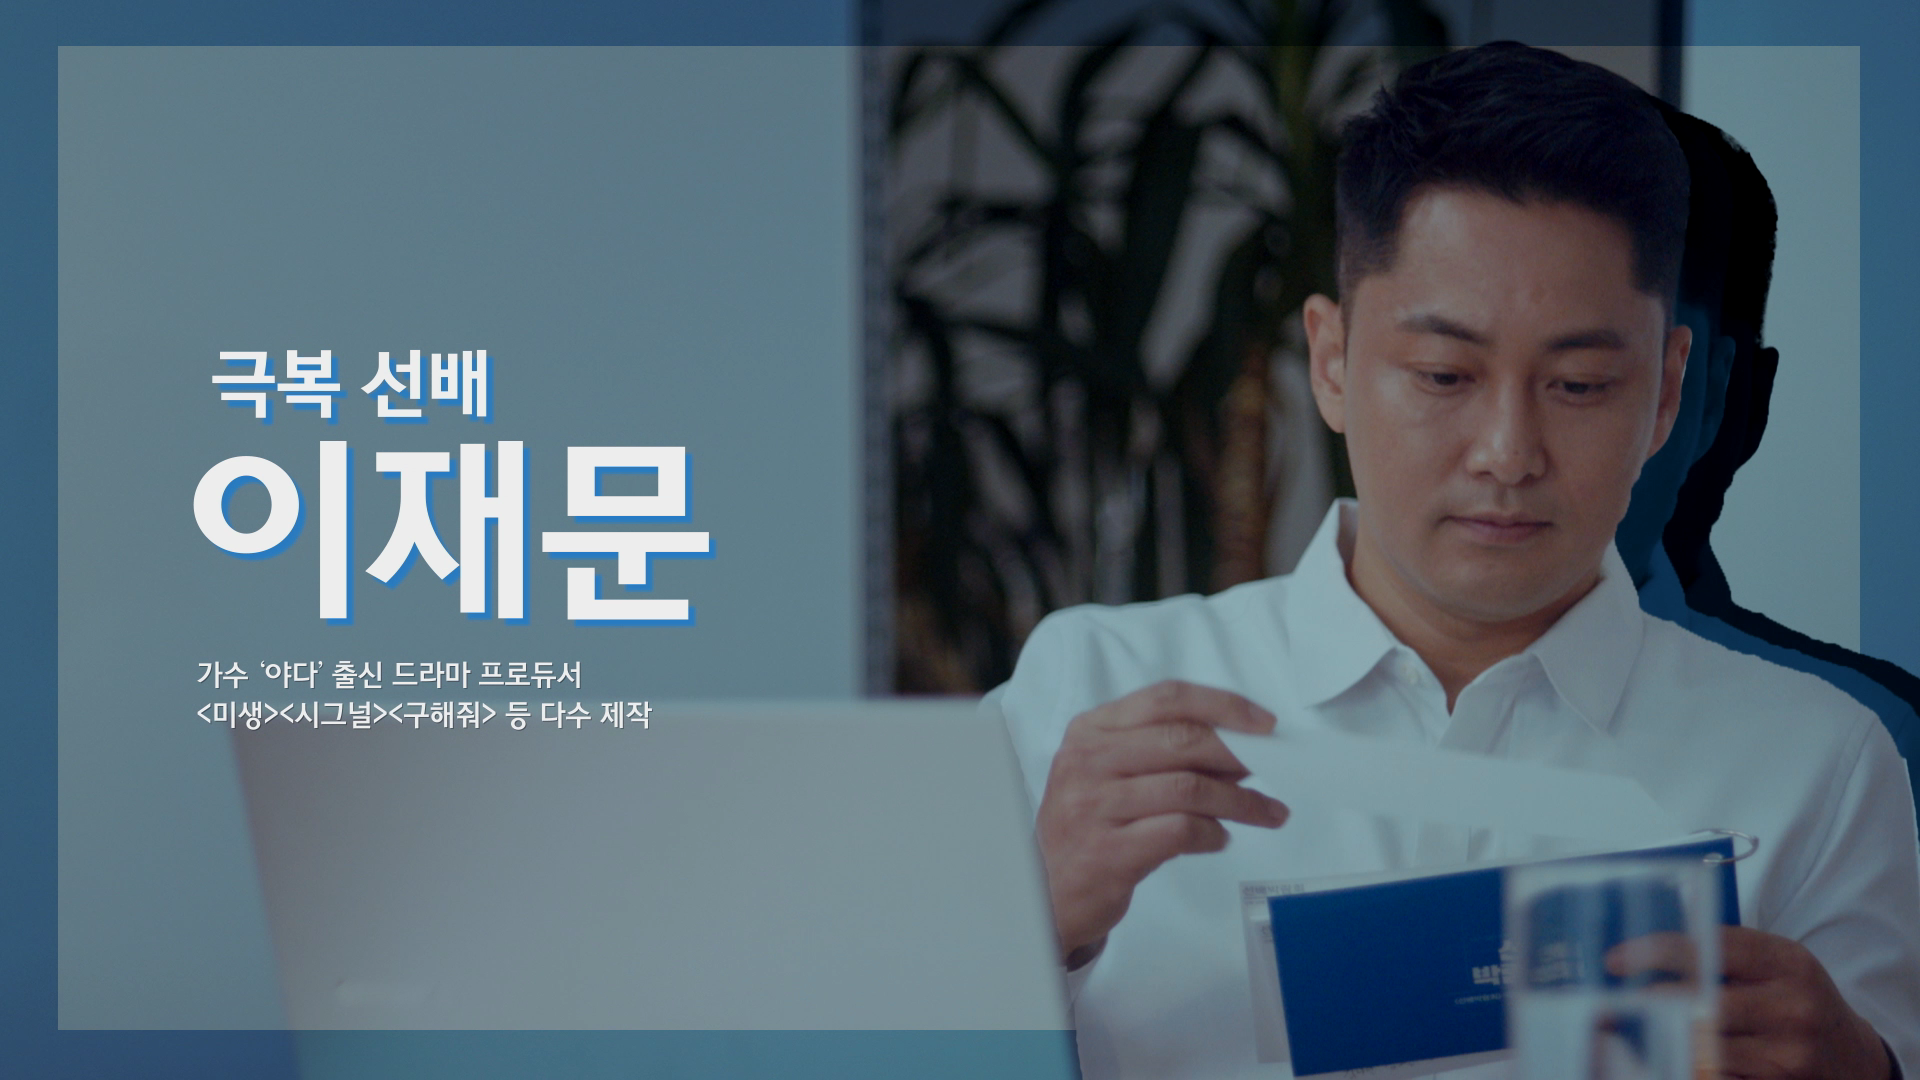 SKT, SK텔레콤, 선배발람회, 이재문, tvn프로듀서, 이재문야다, 미생프로듀서